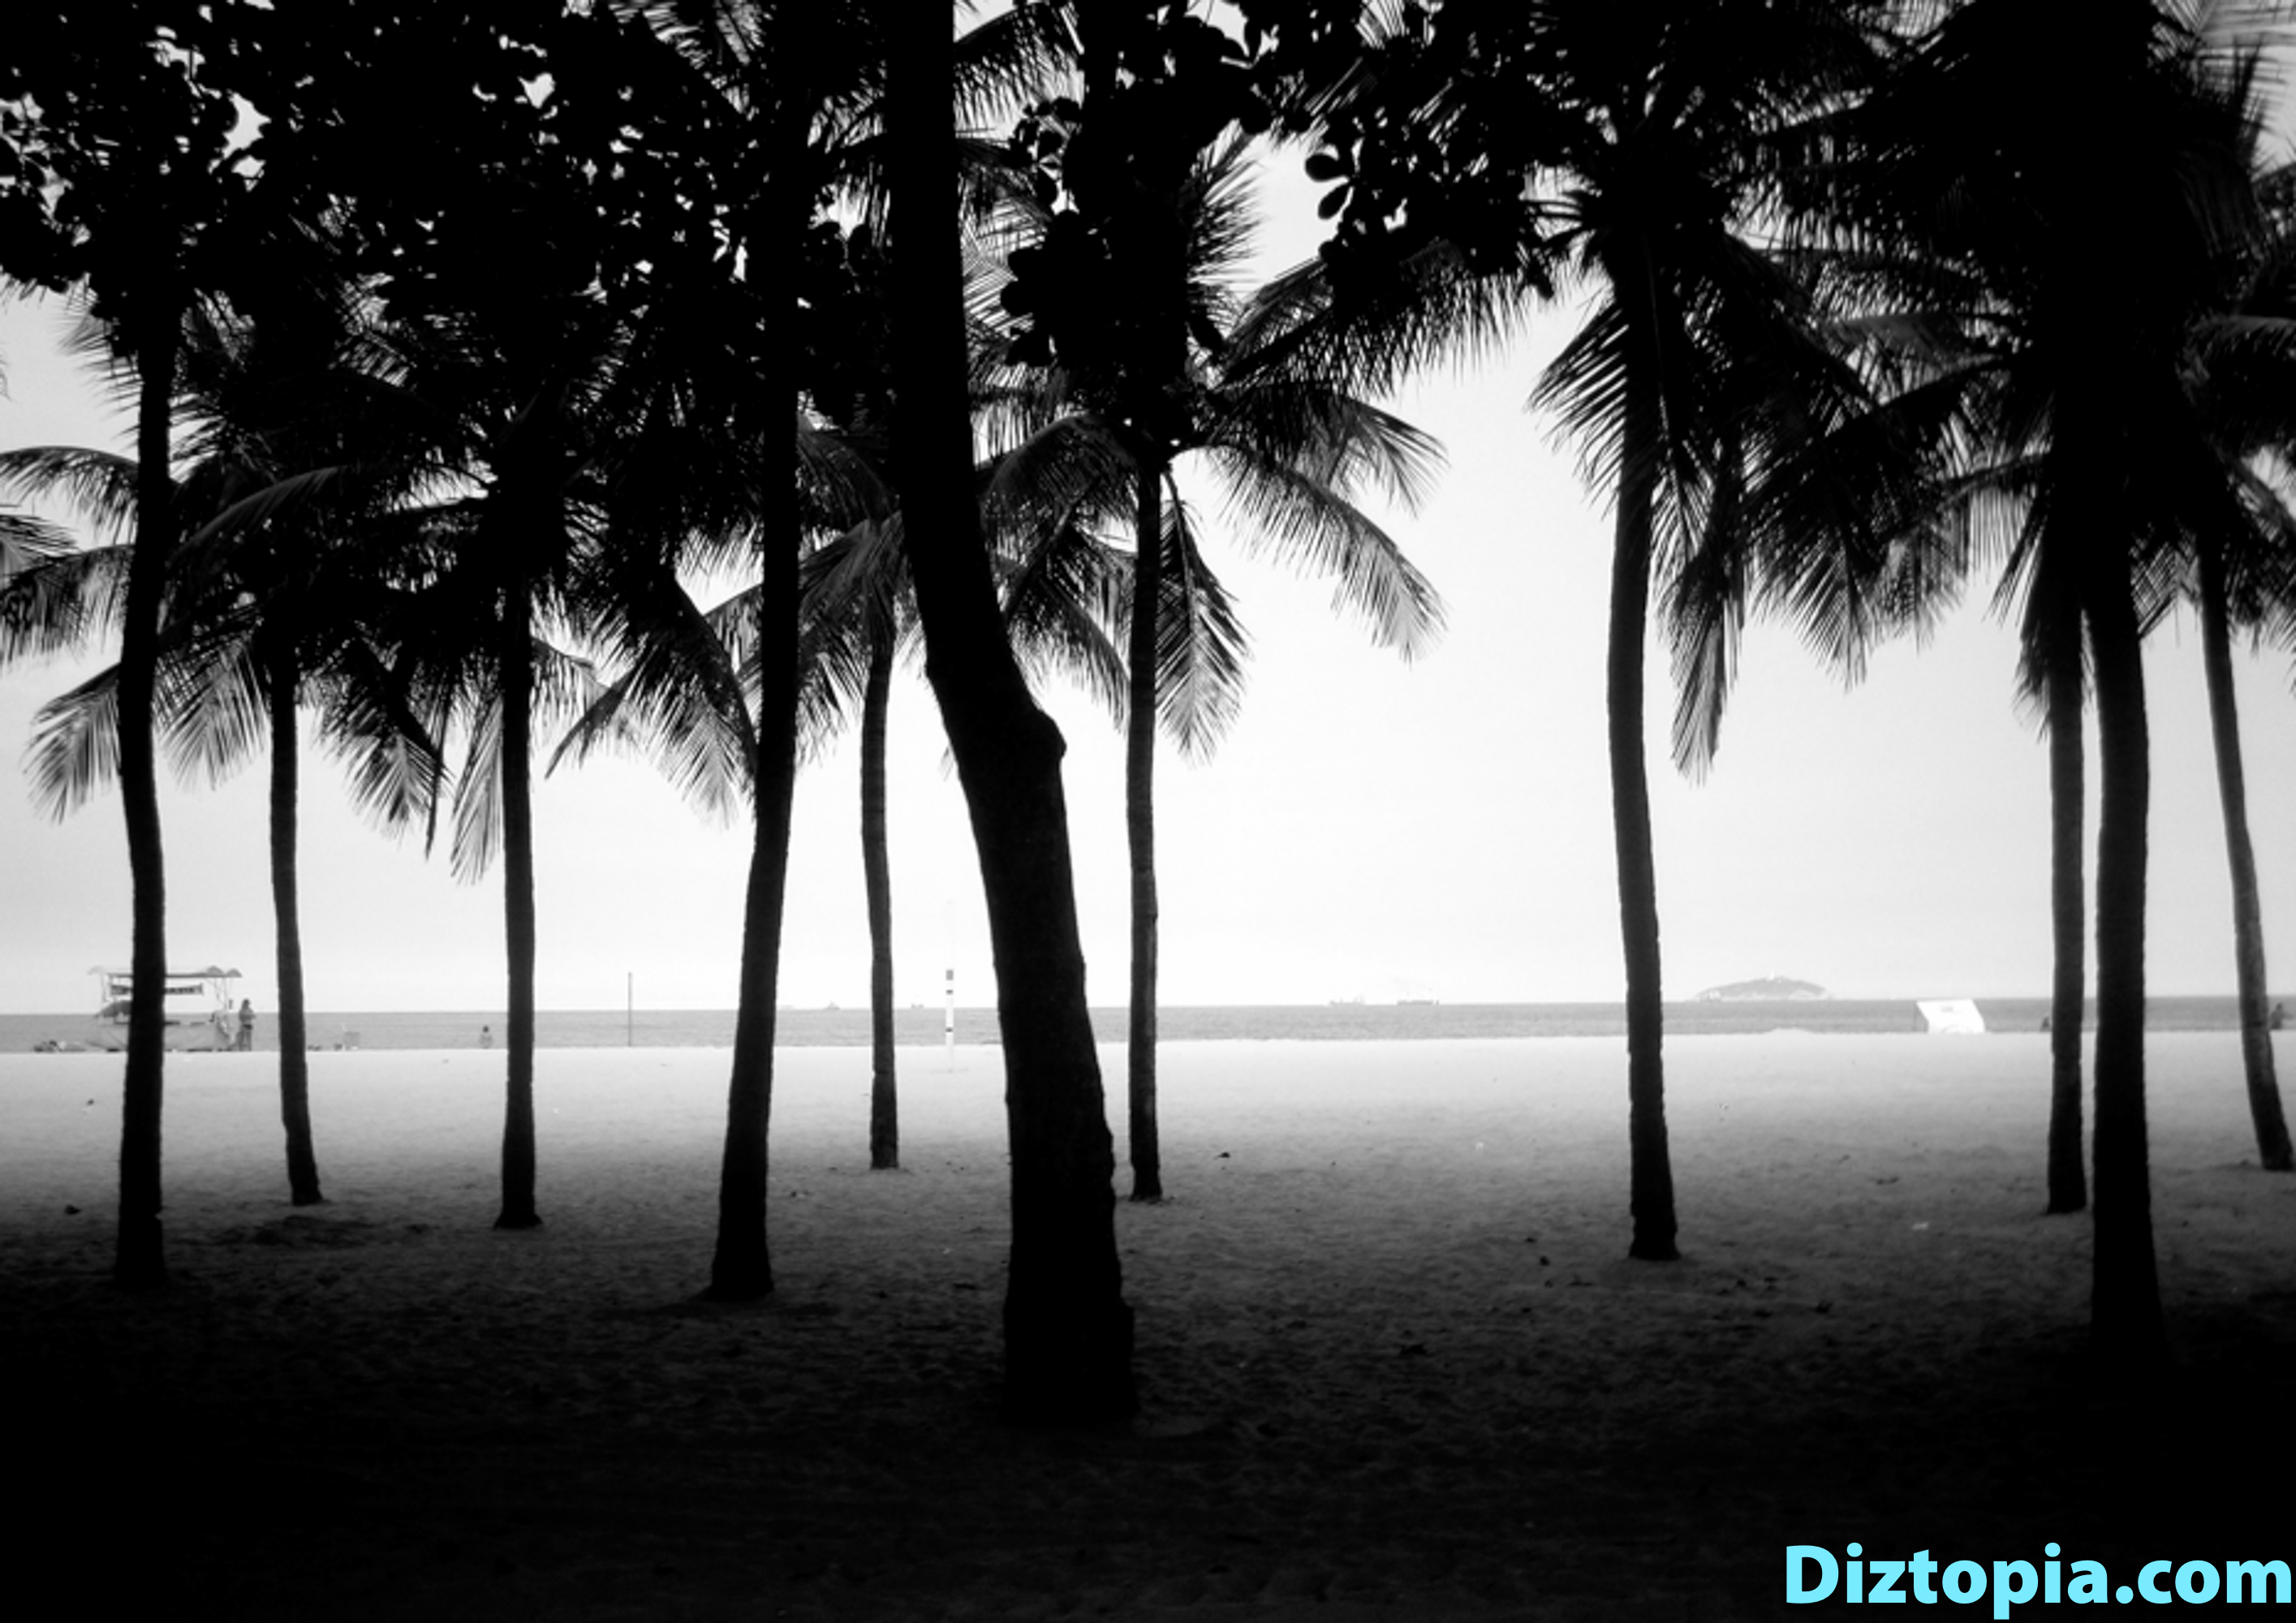 diztopia-com-dizma_dahl-photography-digicam-48